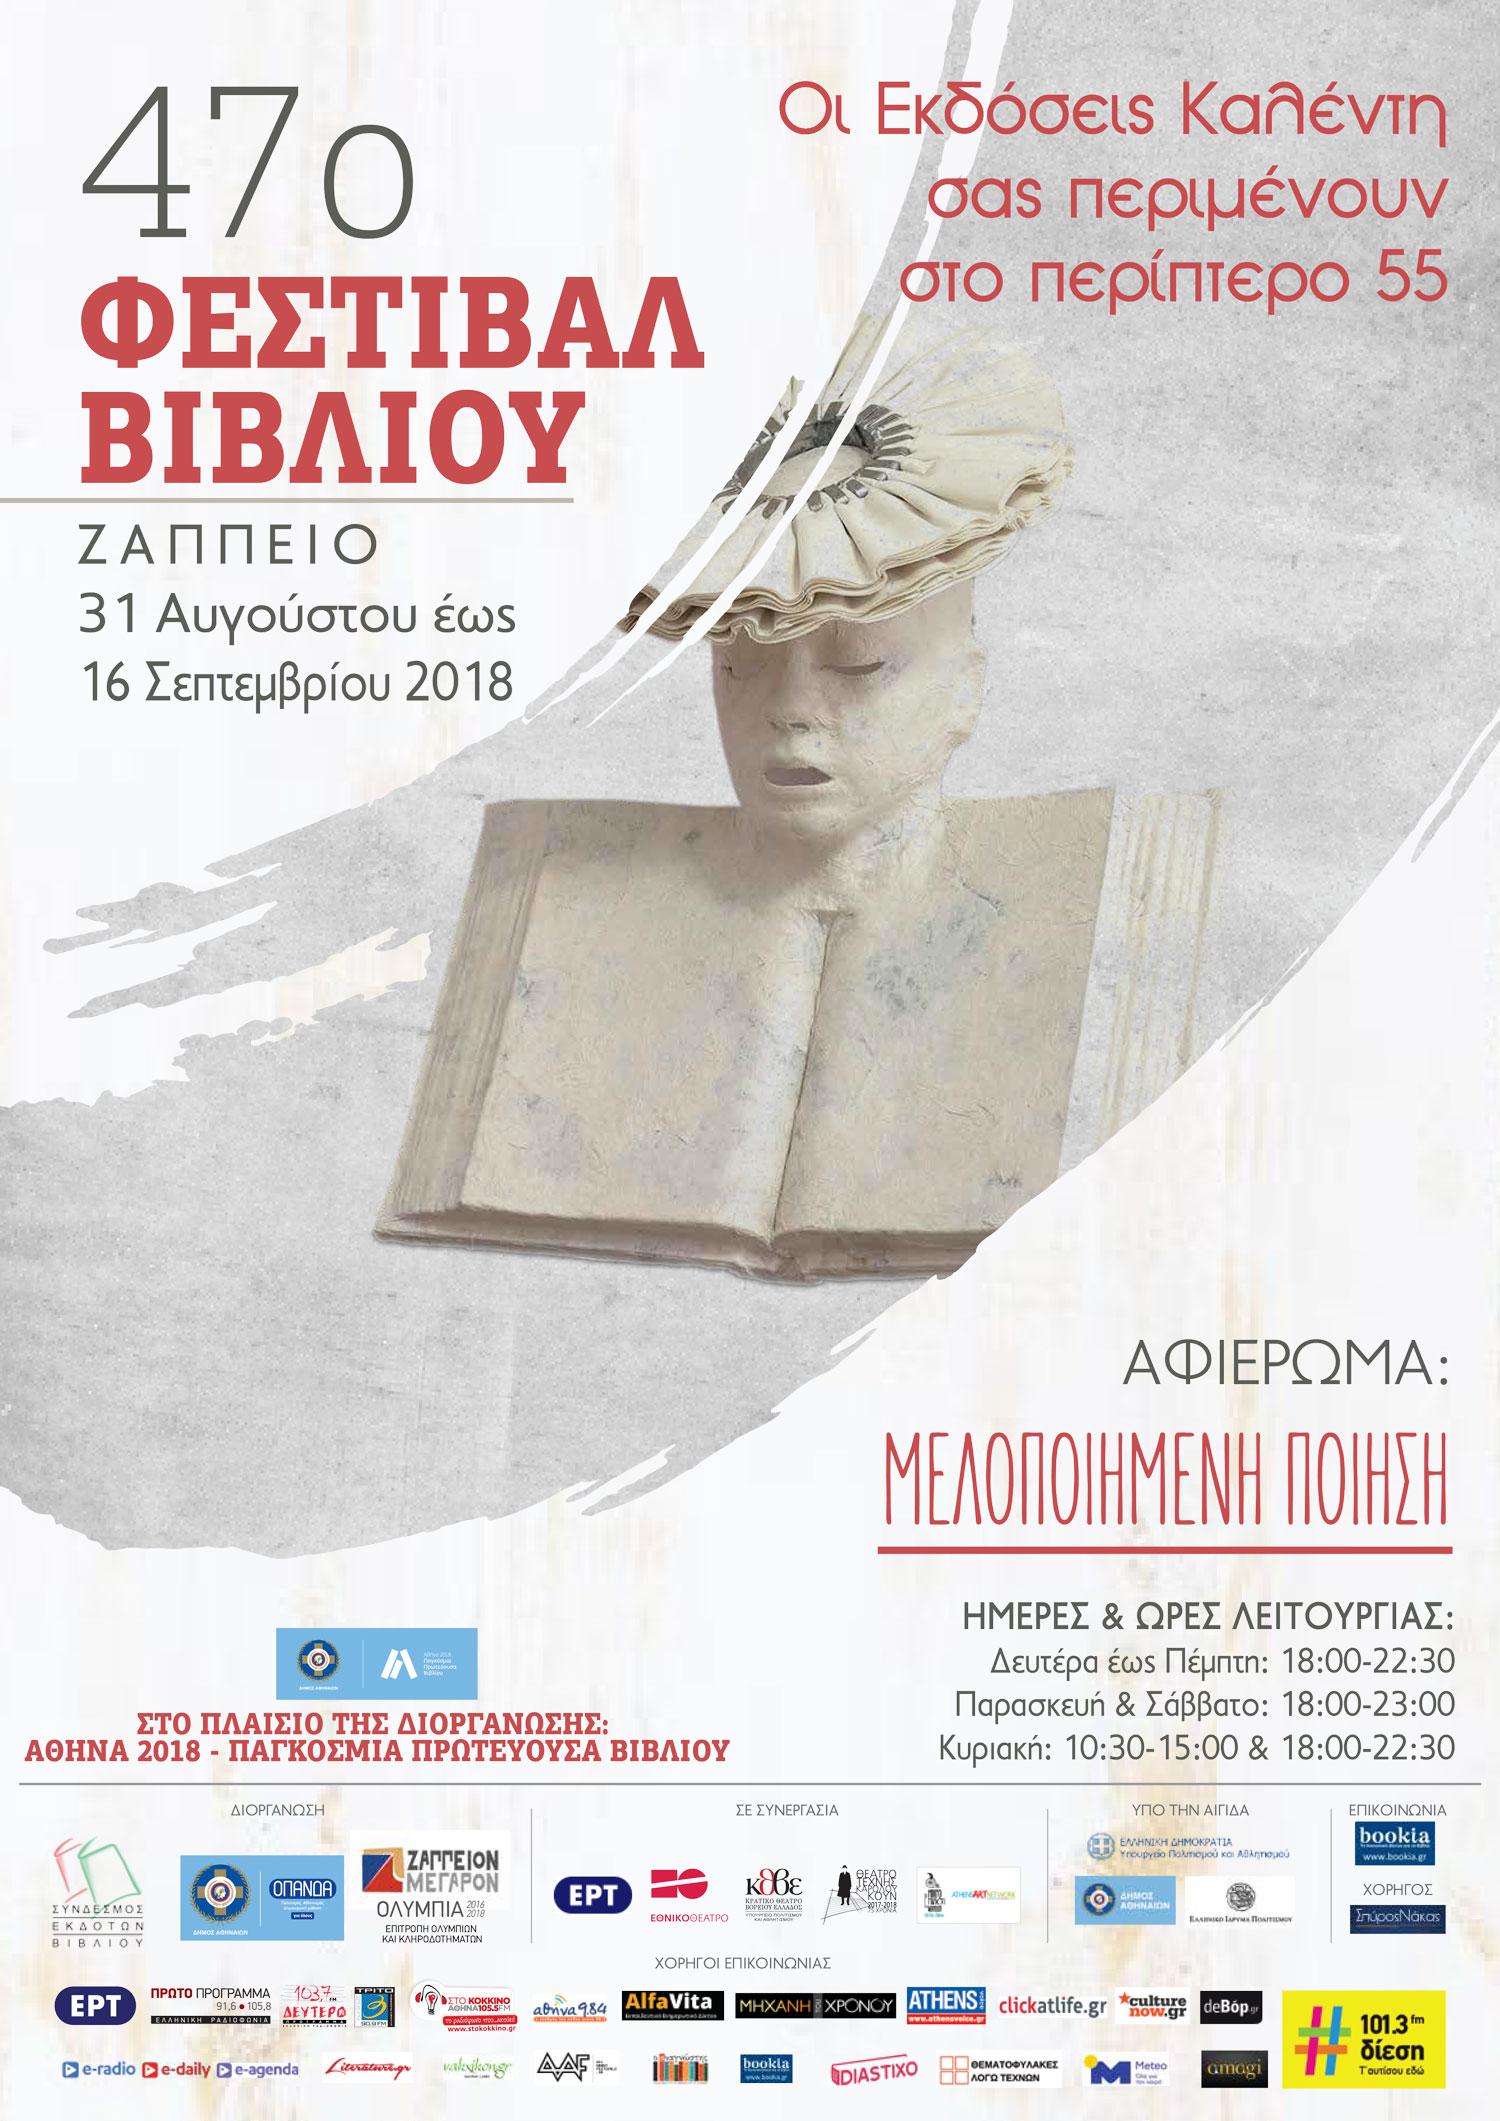 Οι εκδόσεις Καλέντη στο 47ο Φεστιβάλ βιβλίου στο Ζάππειο (περίπτερο 55)